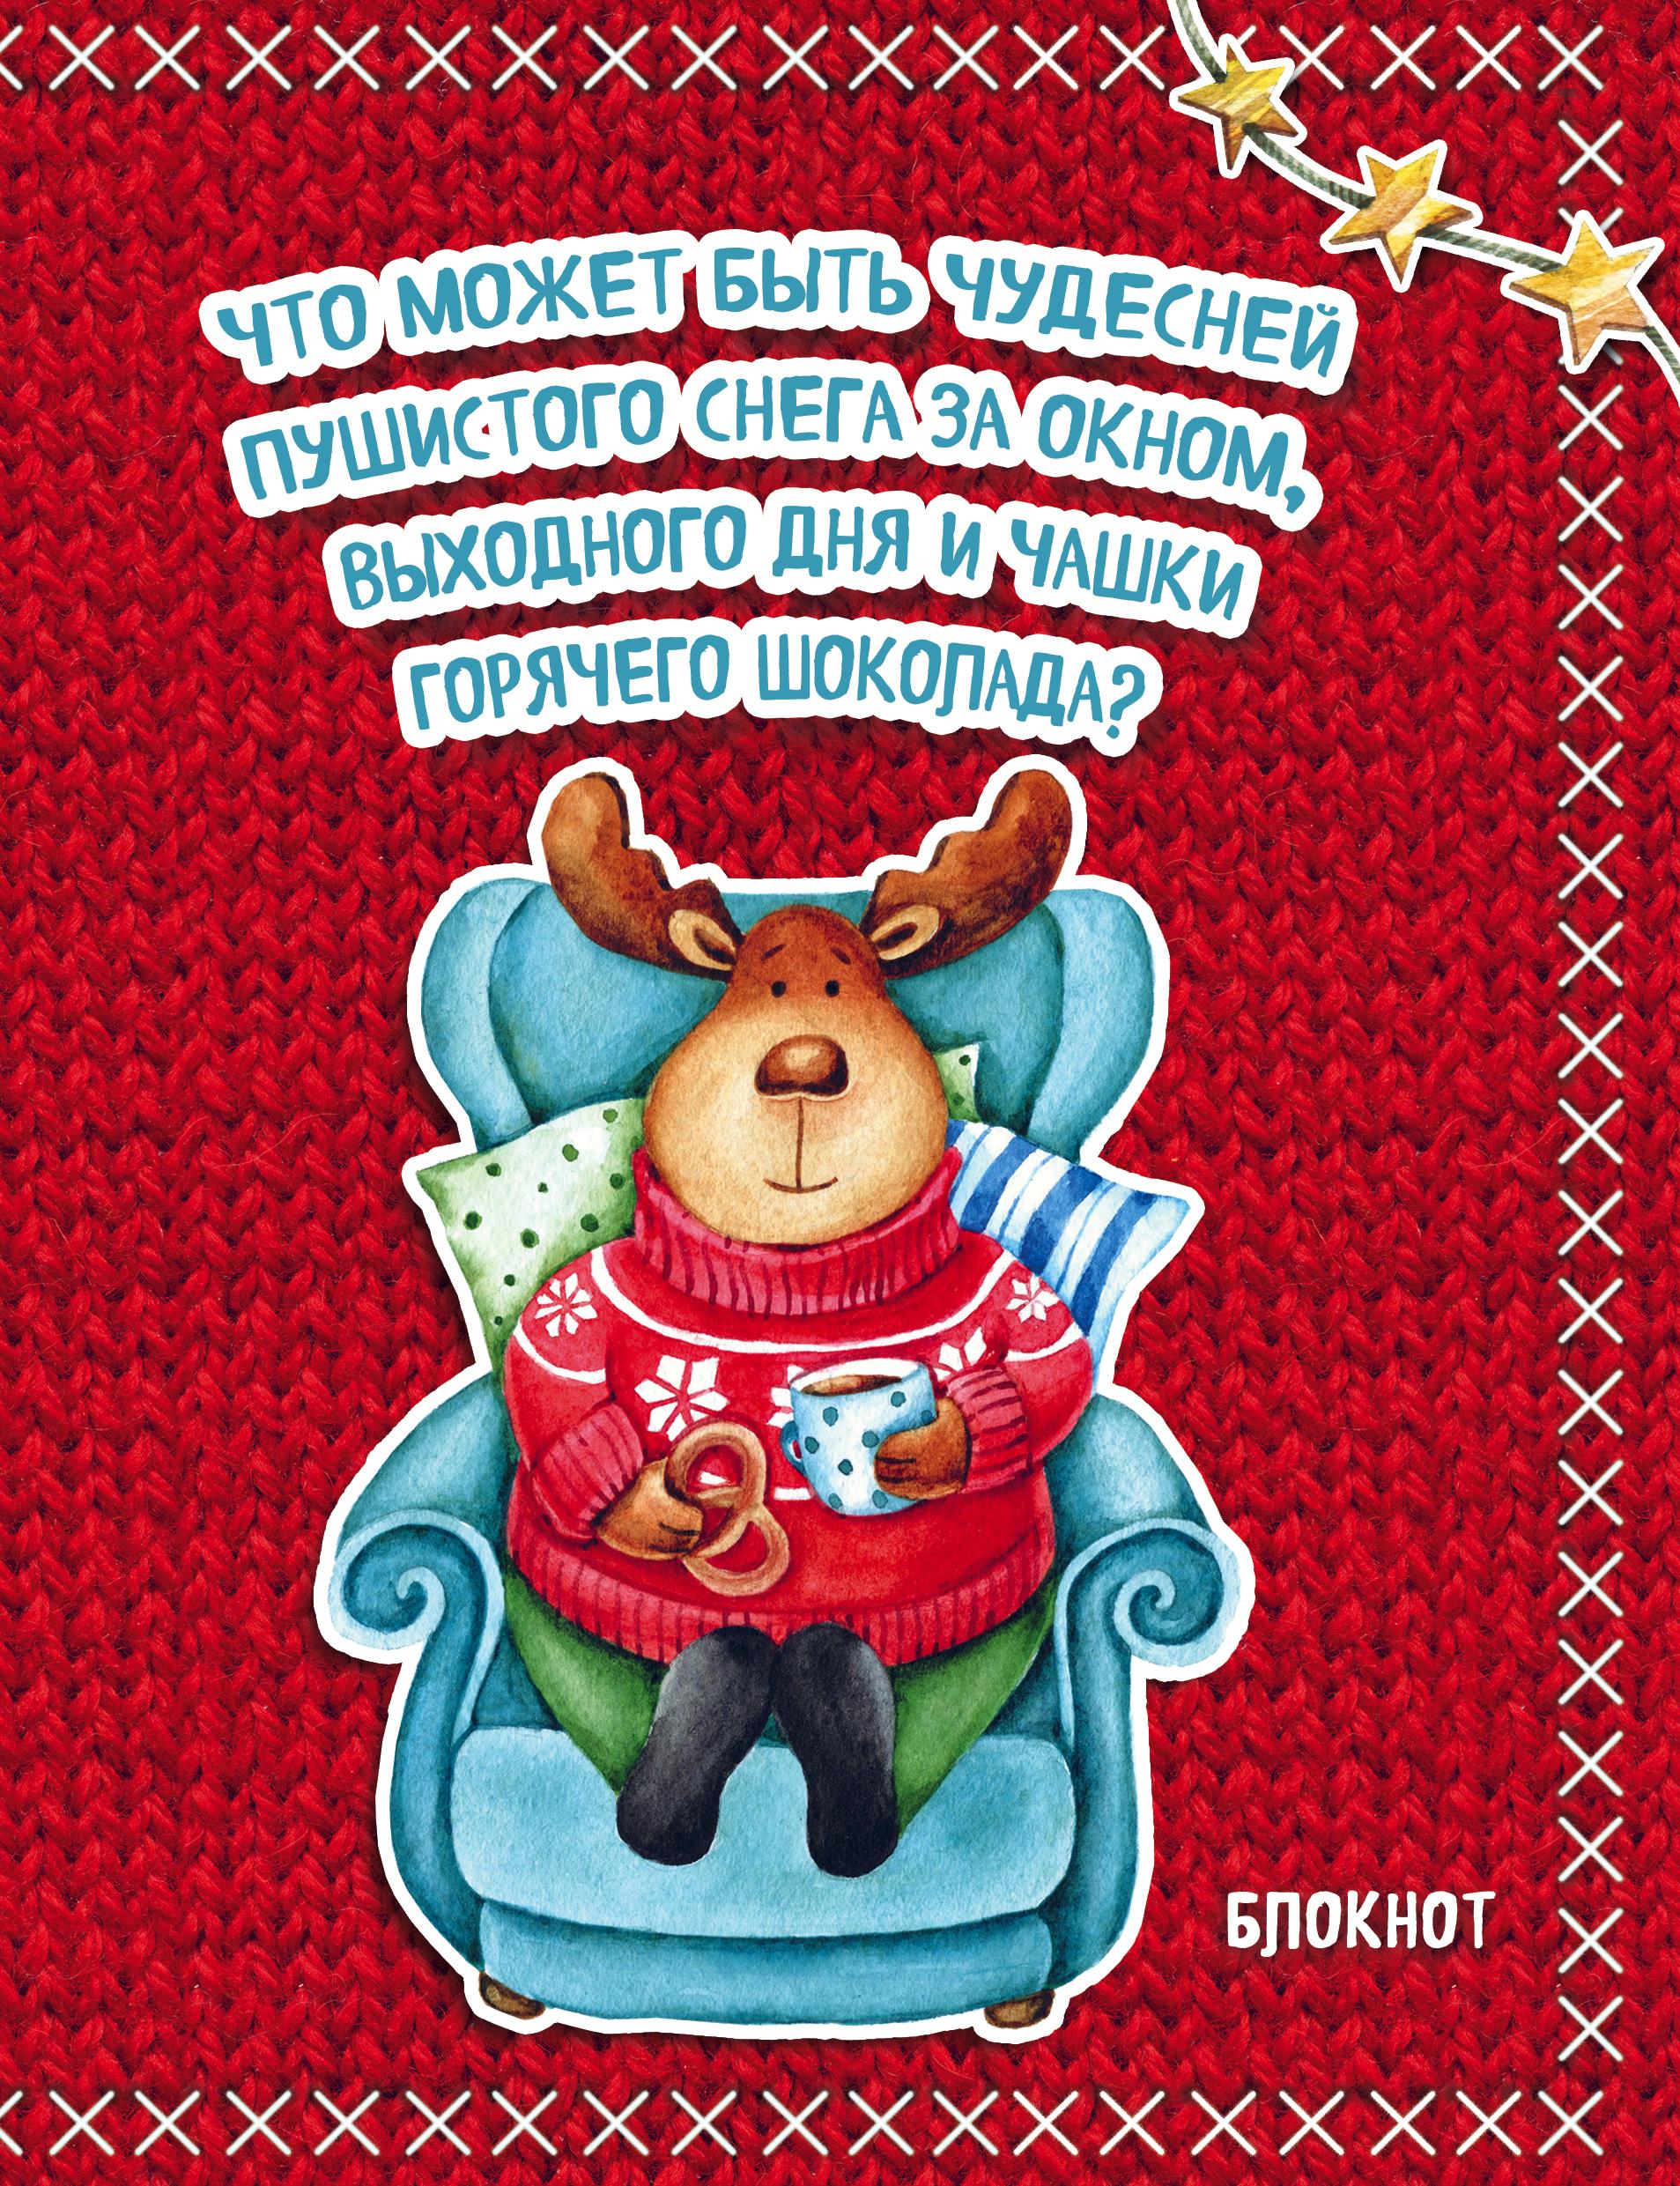 Елизавета Мякишева Блокнот. Новогодние олени (Горячий шоколад) горячий шоколад la festa горький 10 шт по 22 г